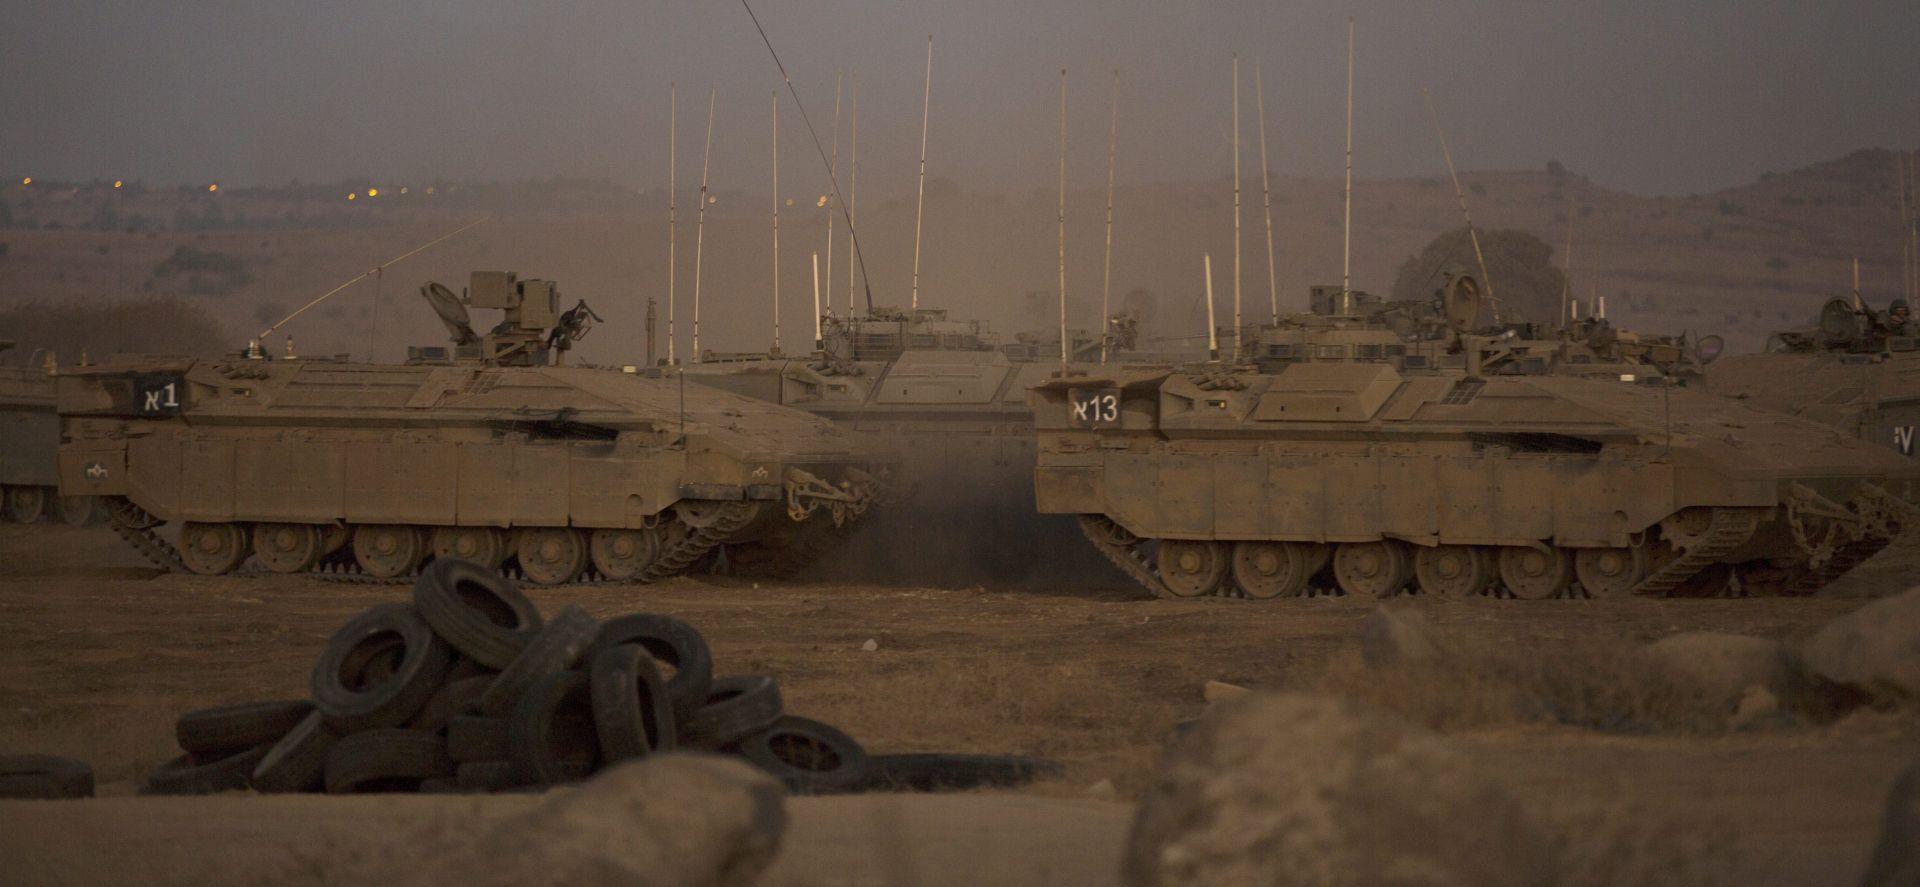 Međunarodna koalicija protiv IS-a priprema oslobađanje Mosula u Iraku i Rake u Siriji